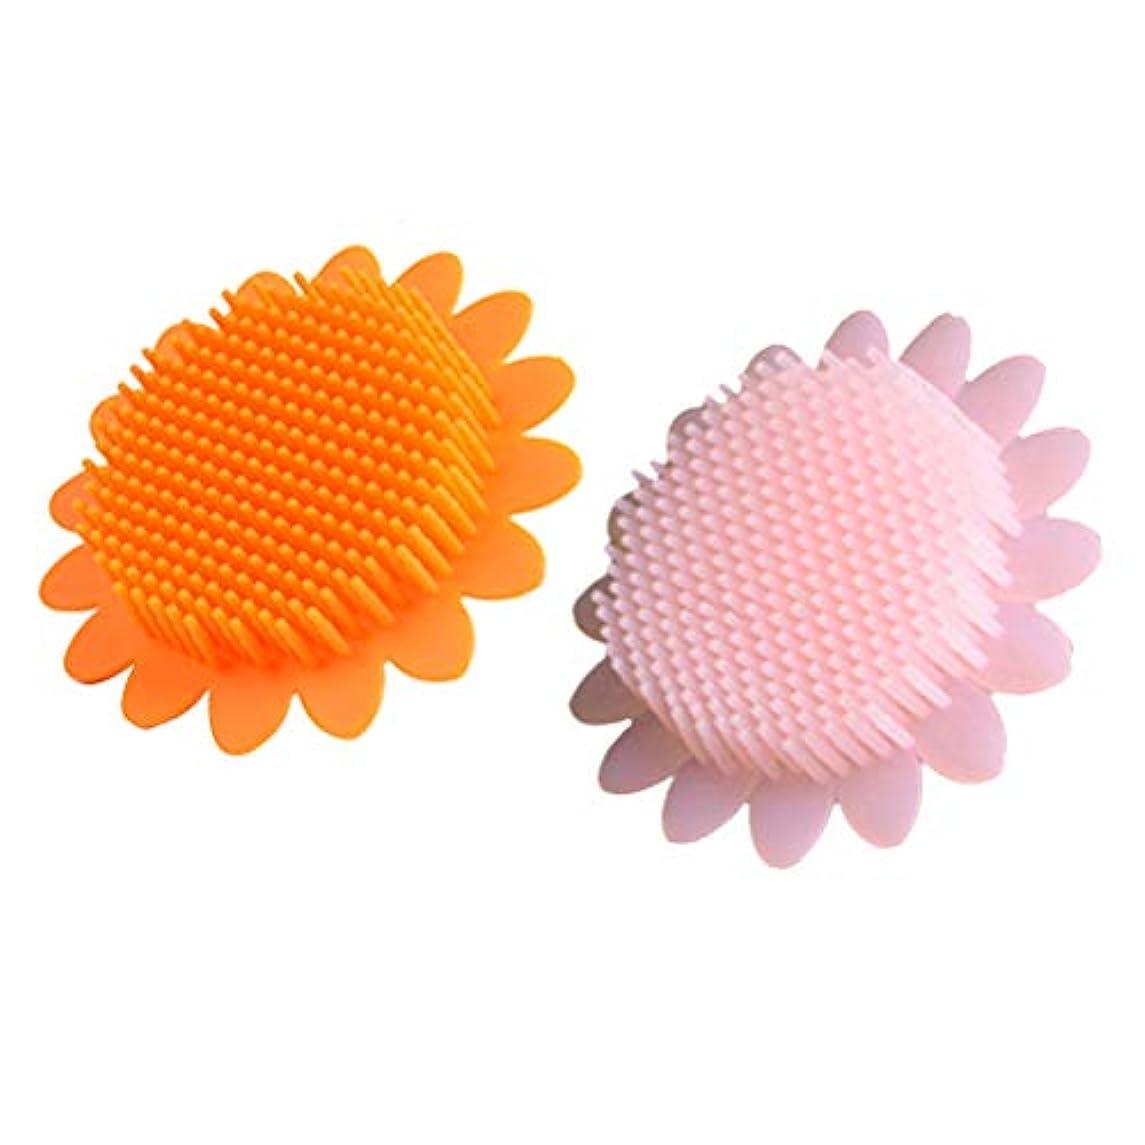 すなわちブリーク管理者Beaupretty 2本の赤ちゃん風呂ブラシシリコーンボディブラシ頭皮マッサージブラシ赤ちゃんのためのシャンプーブラシ(オレンジ+ピンク)